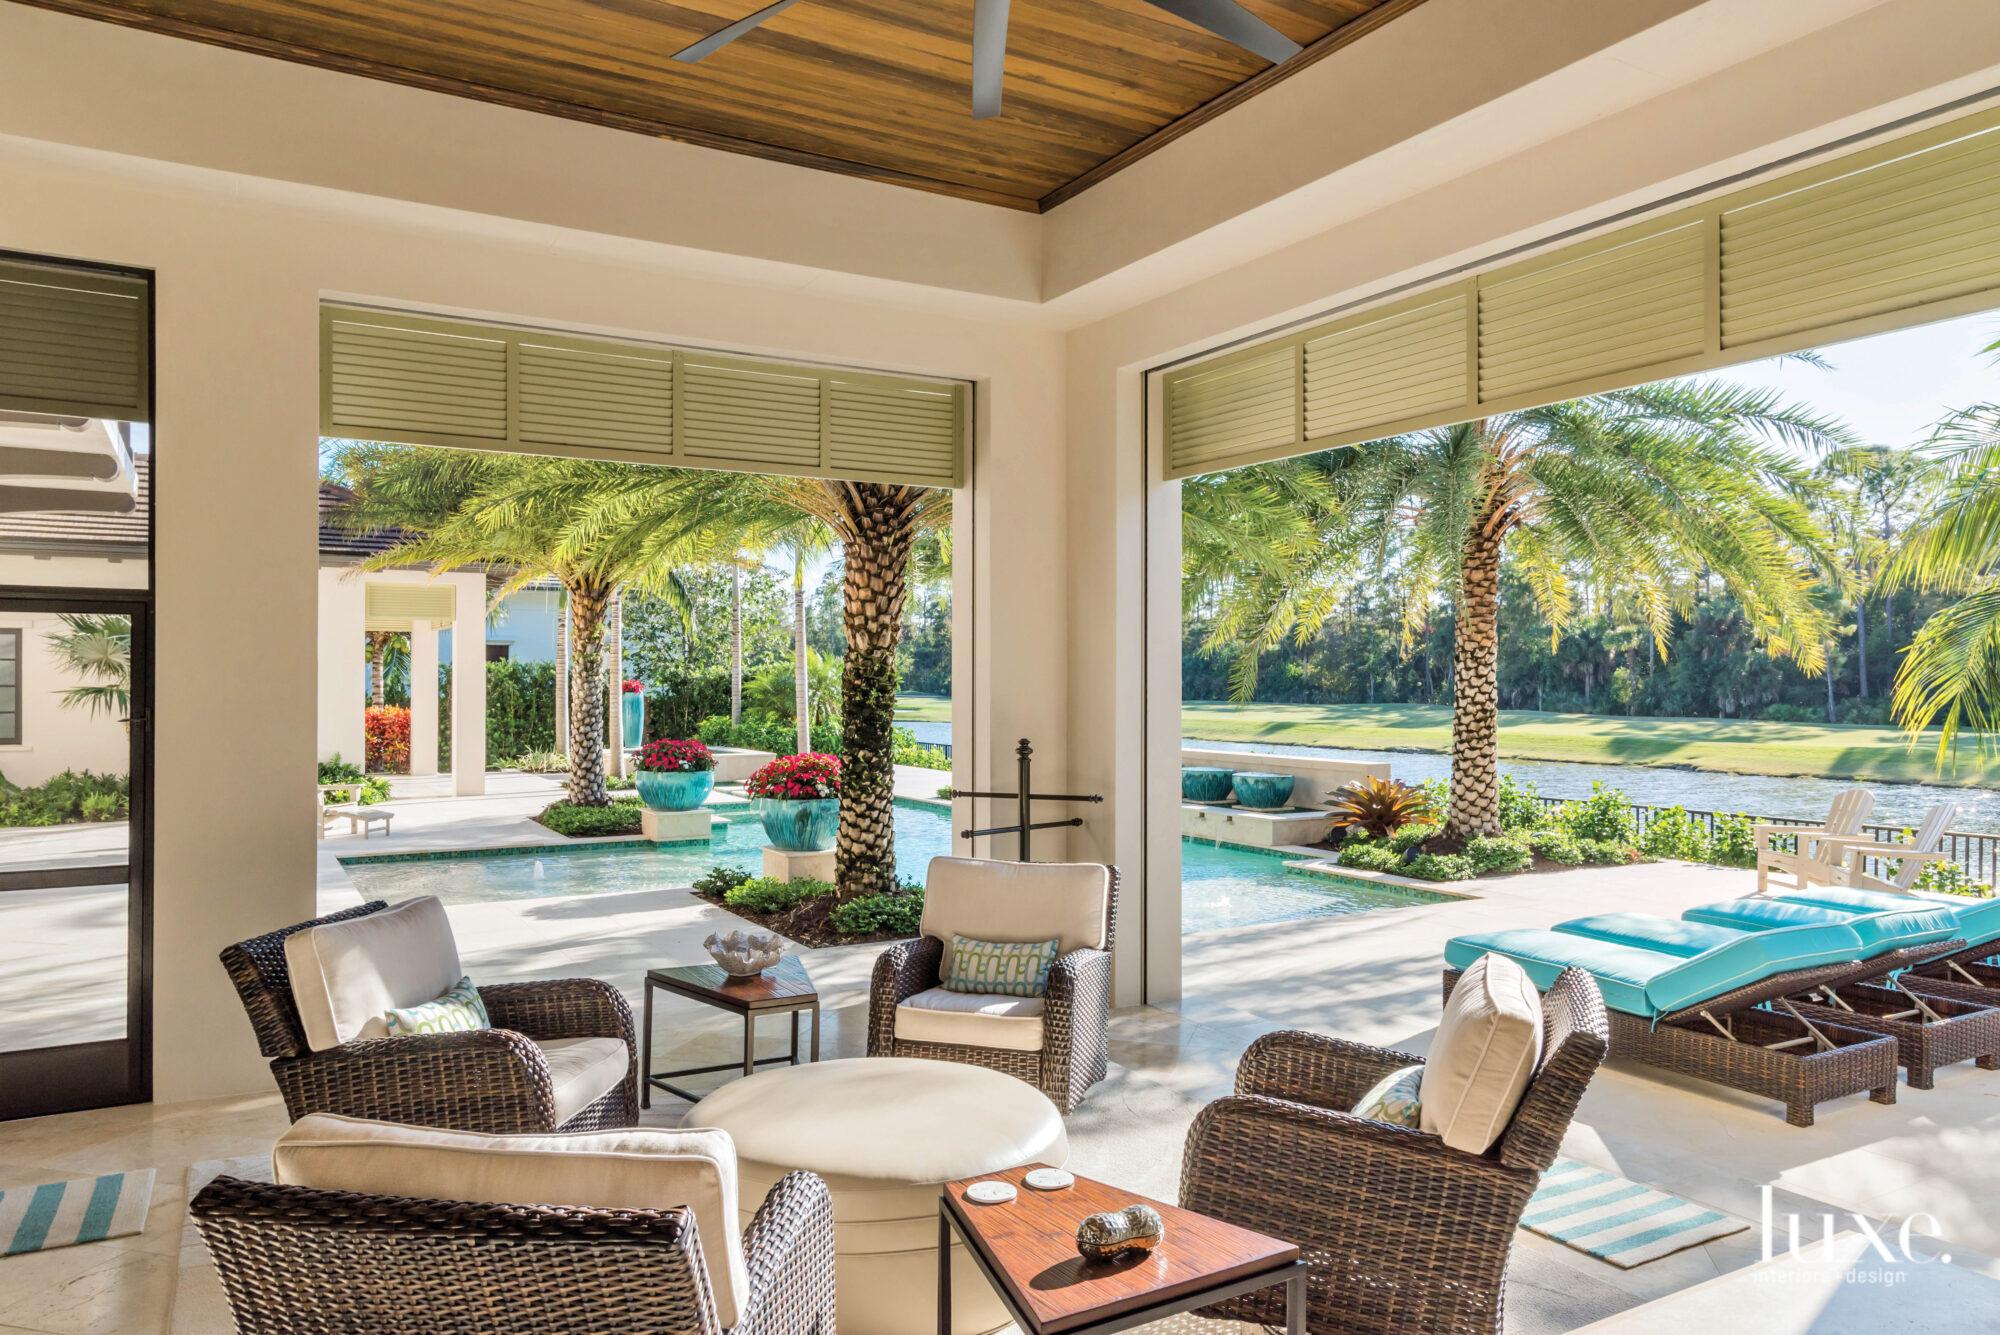 Outdoor living room overlooking pool.